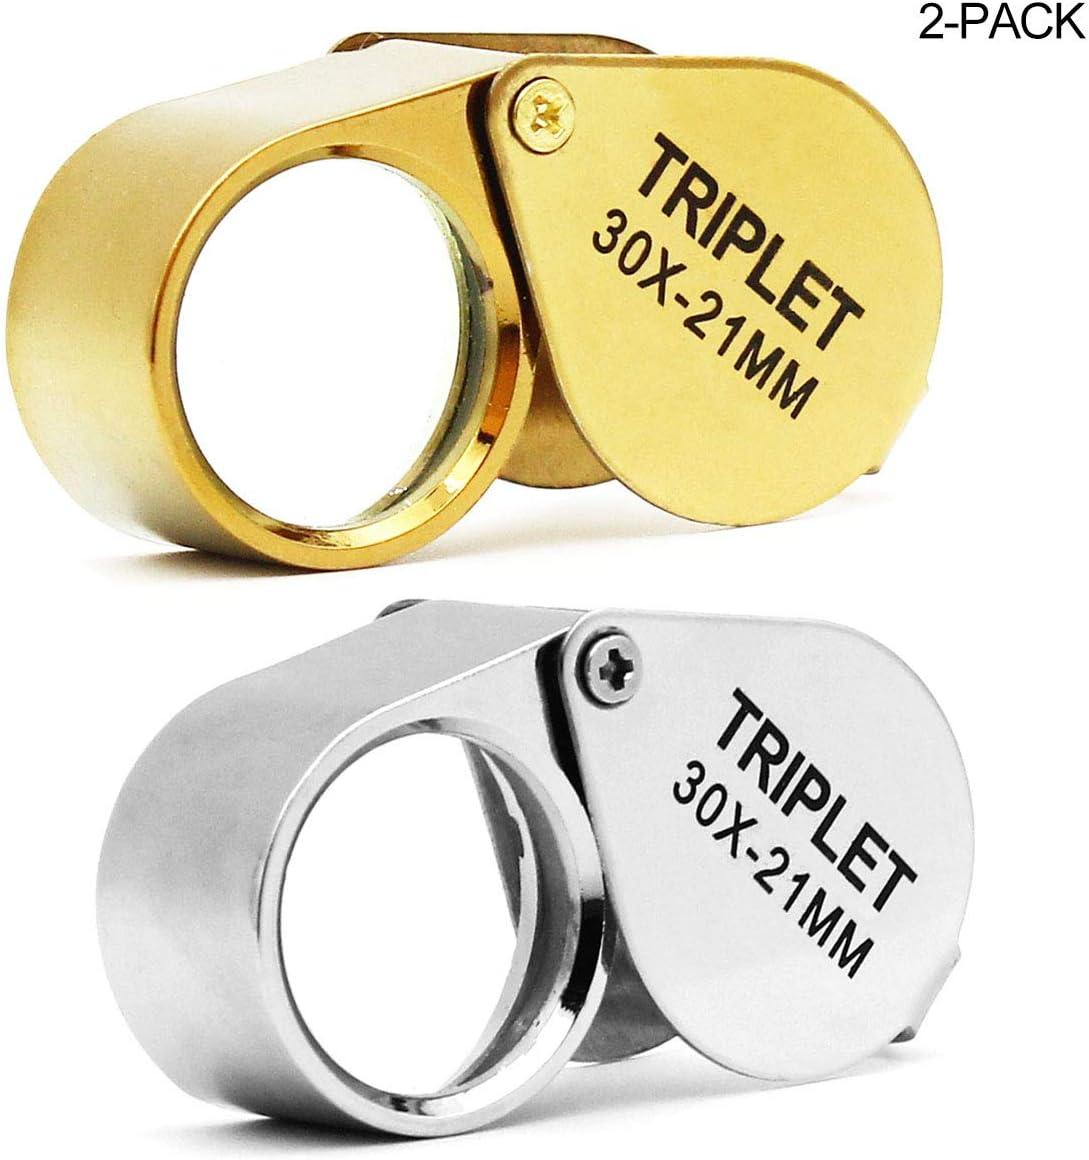 Joyero de bolsillo lupa lupa, lente de cristal 30X Lupa para joyas, monedas, sellos, antigüedades y más (dorado y plata)